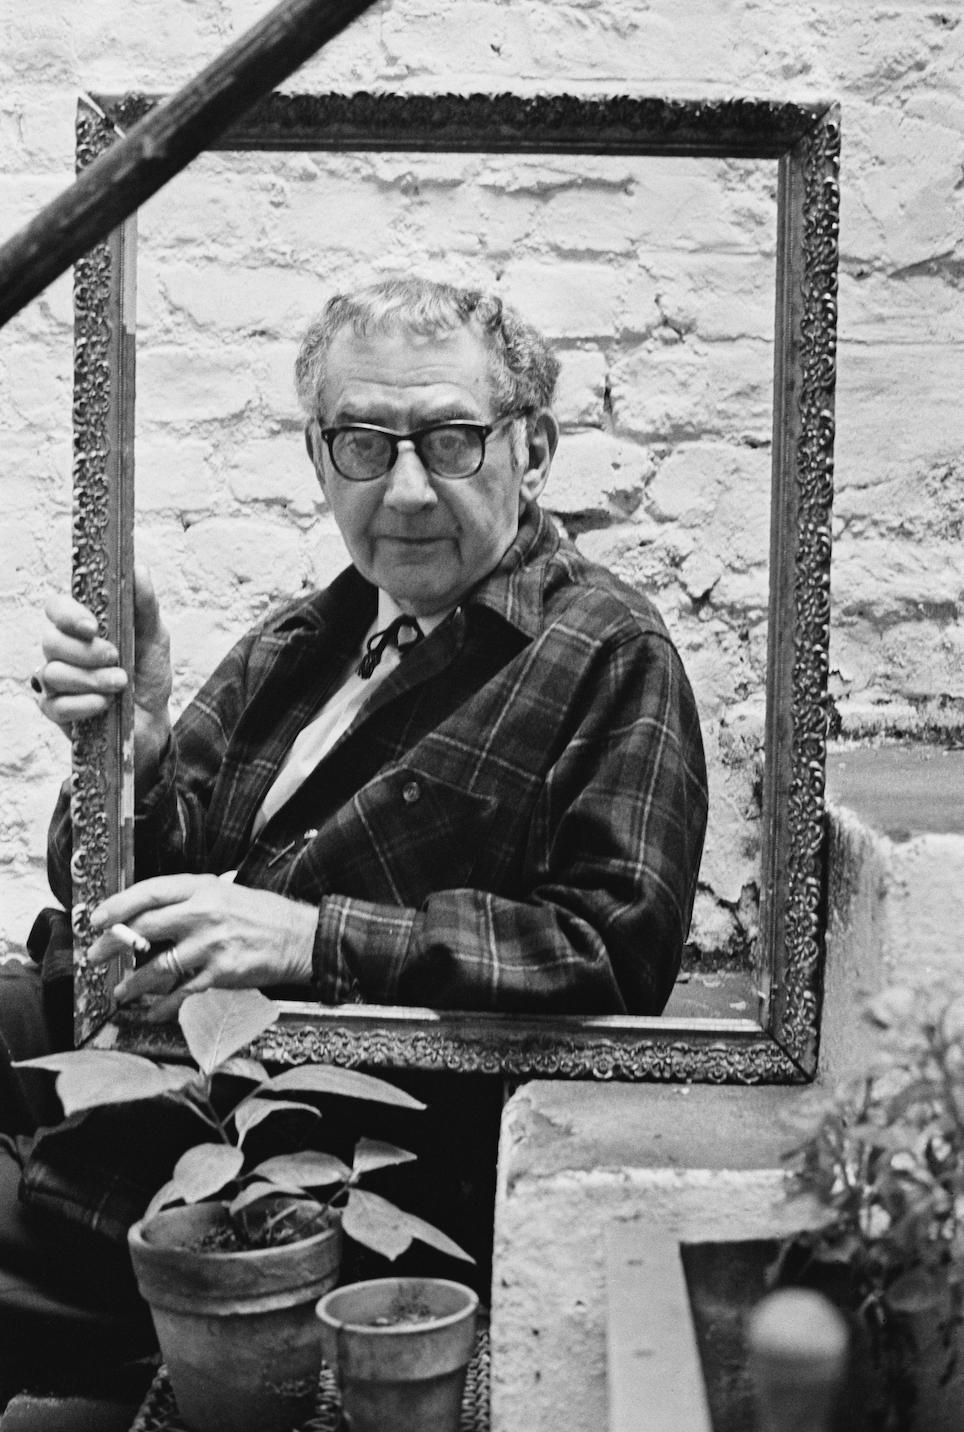 El artista Man Ray